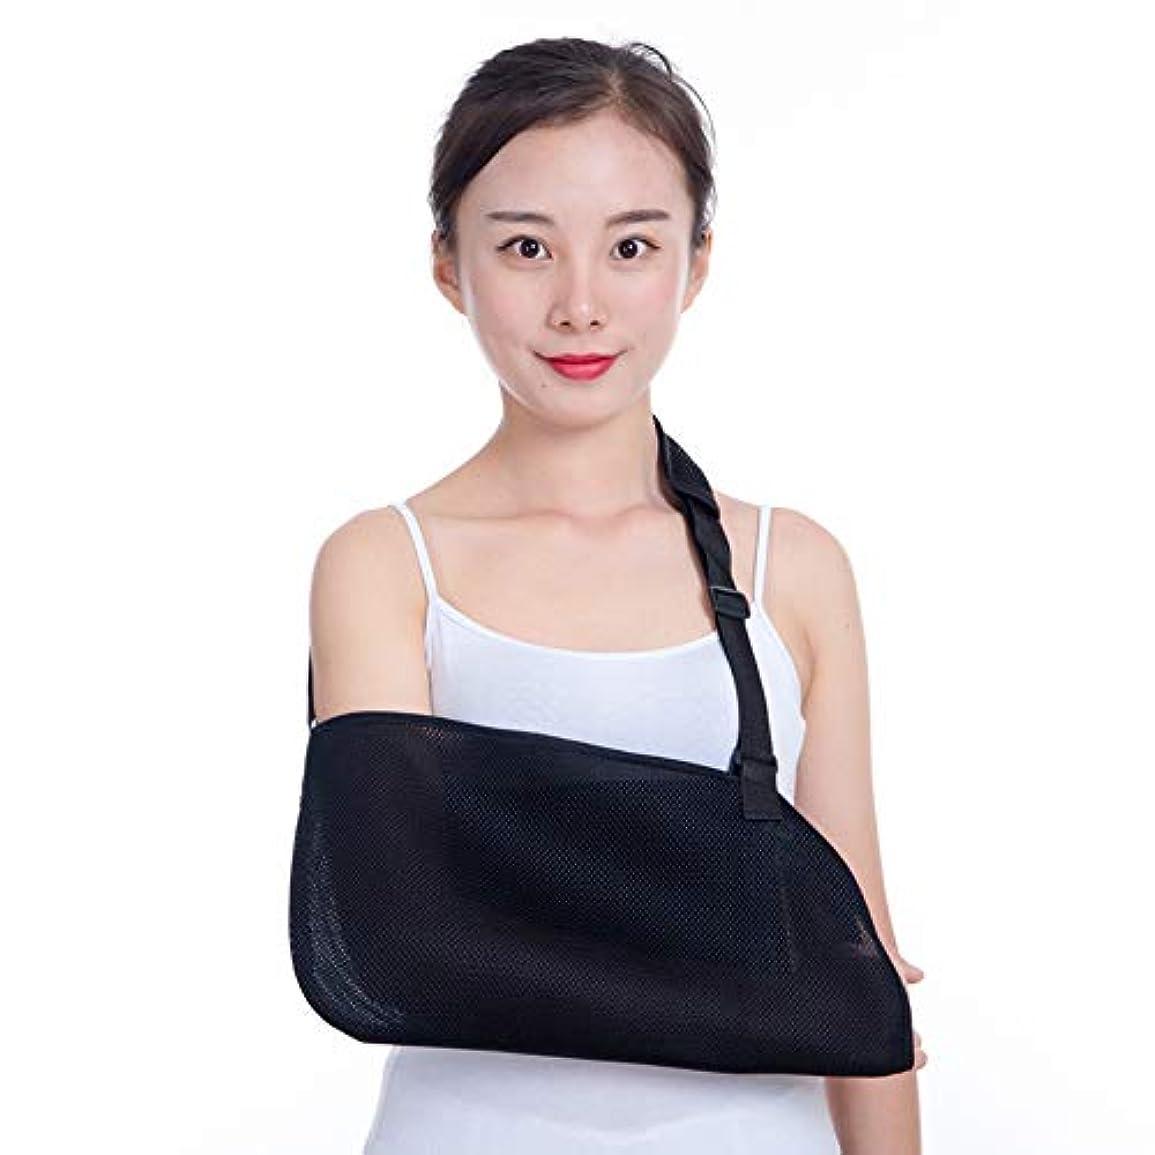 解体する意味するフランクワースリーメッシュアームサポートスリング、ショルダーイモビライザーブレース、通気性と軽量、肩、腕、肘、回旋腱板の痛みを完全に調整可能